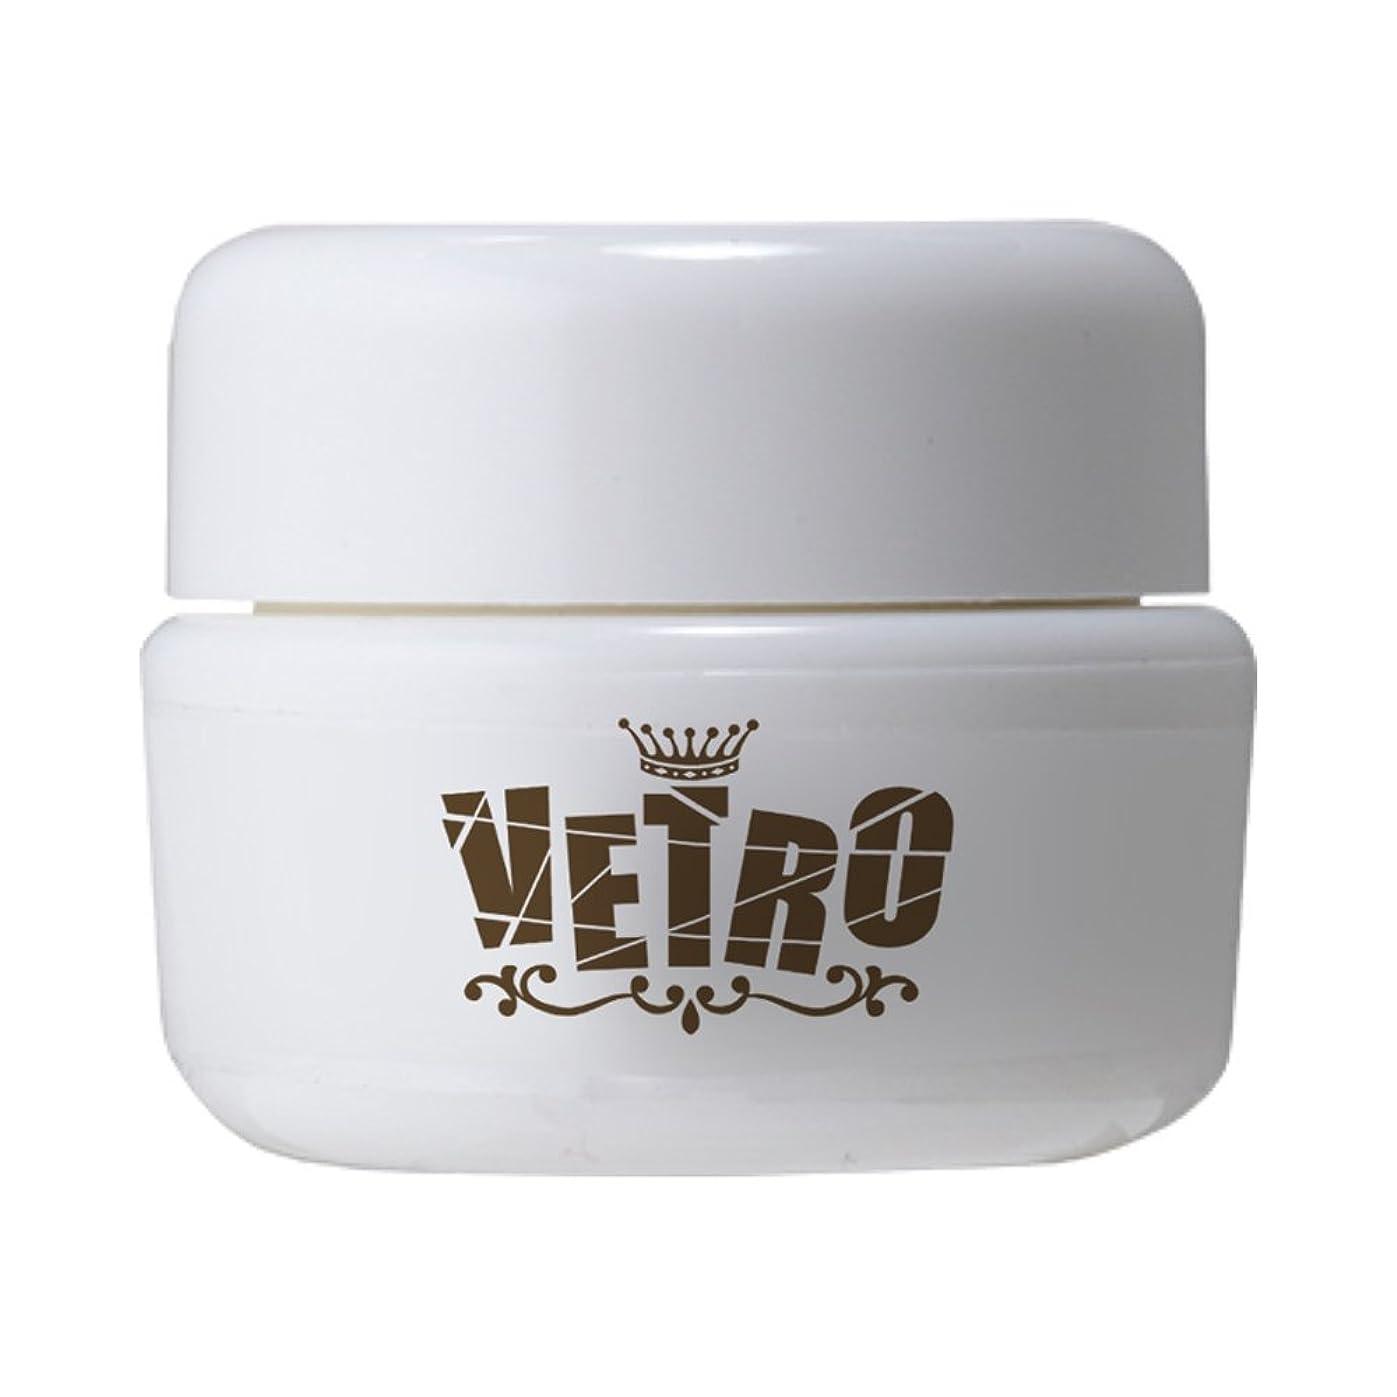 ゲインセイ想定する電報VETRO No.19 カラージェル マット VL419 砺茶 4ml